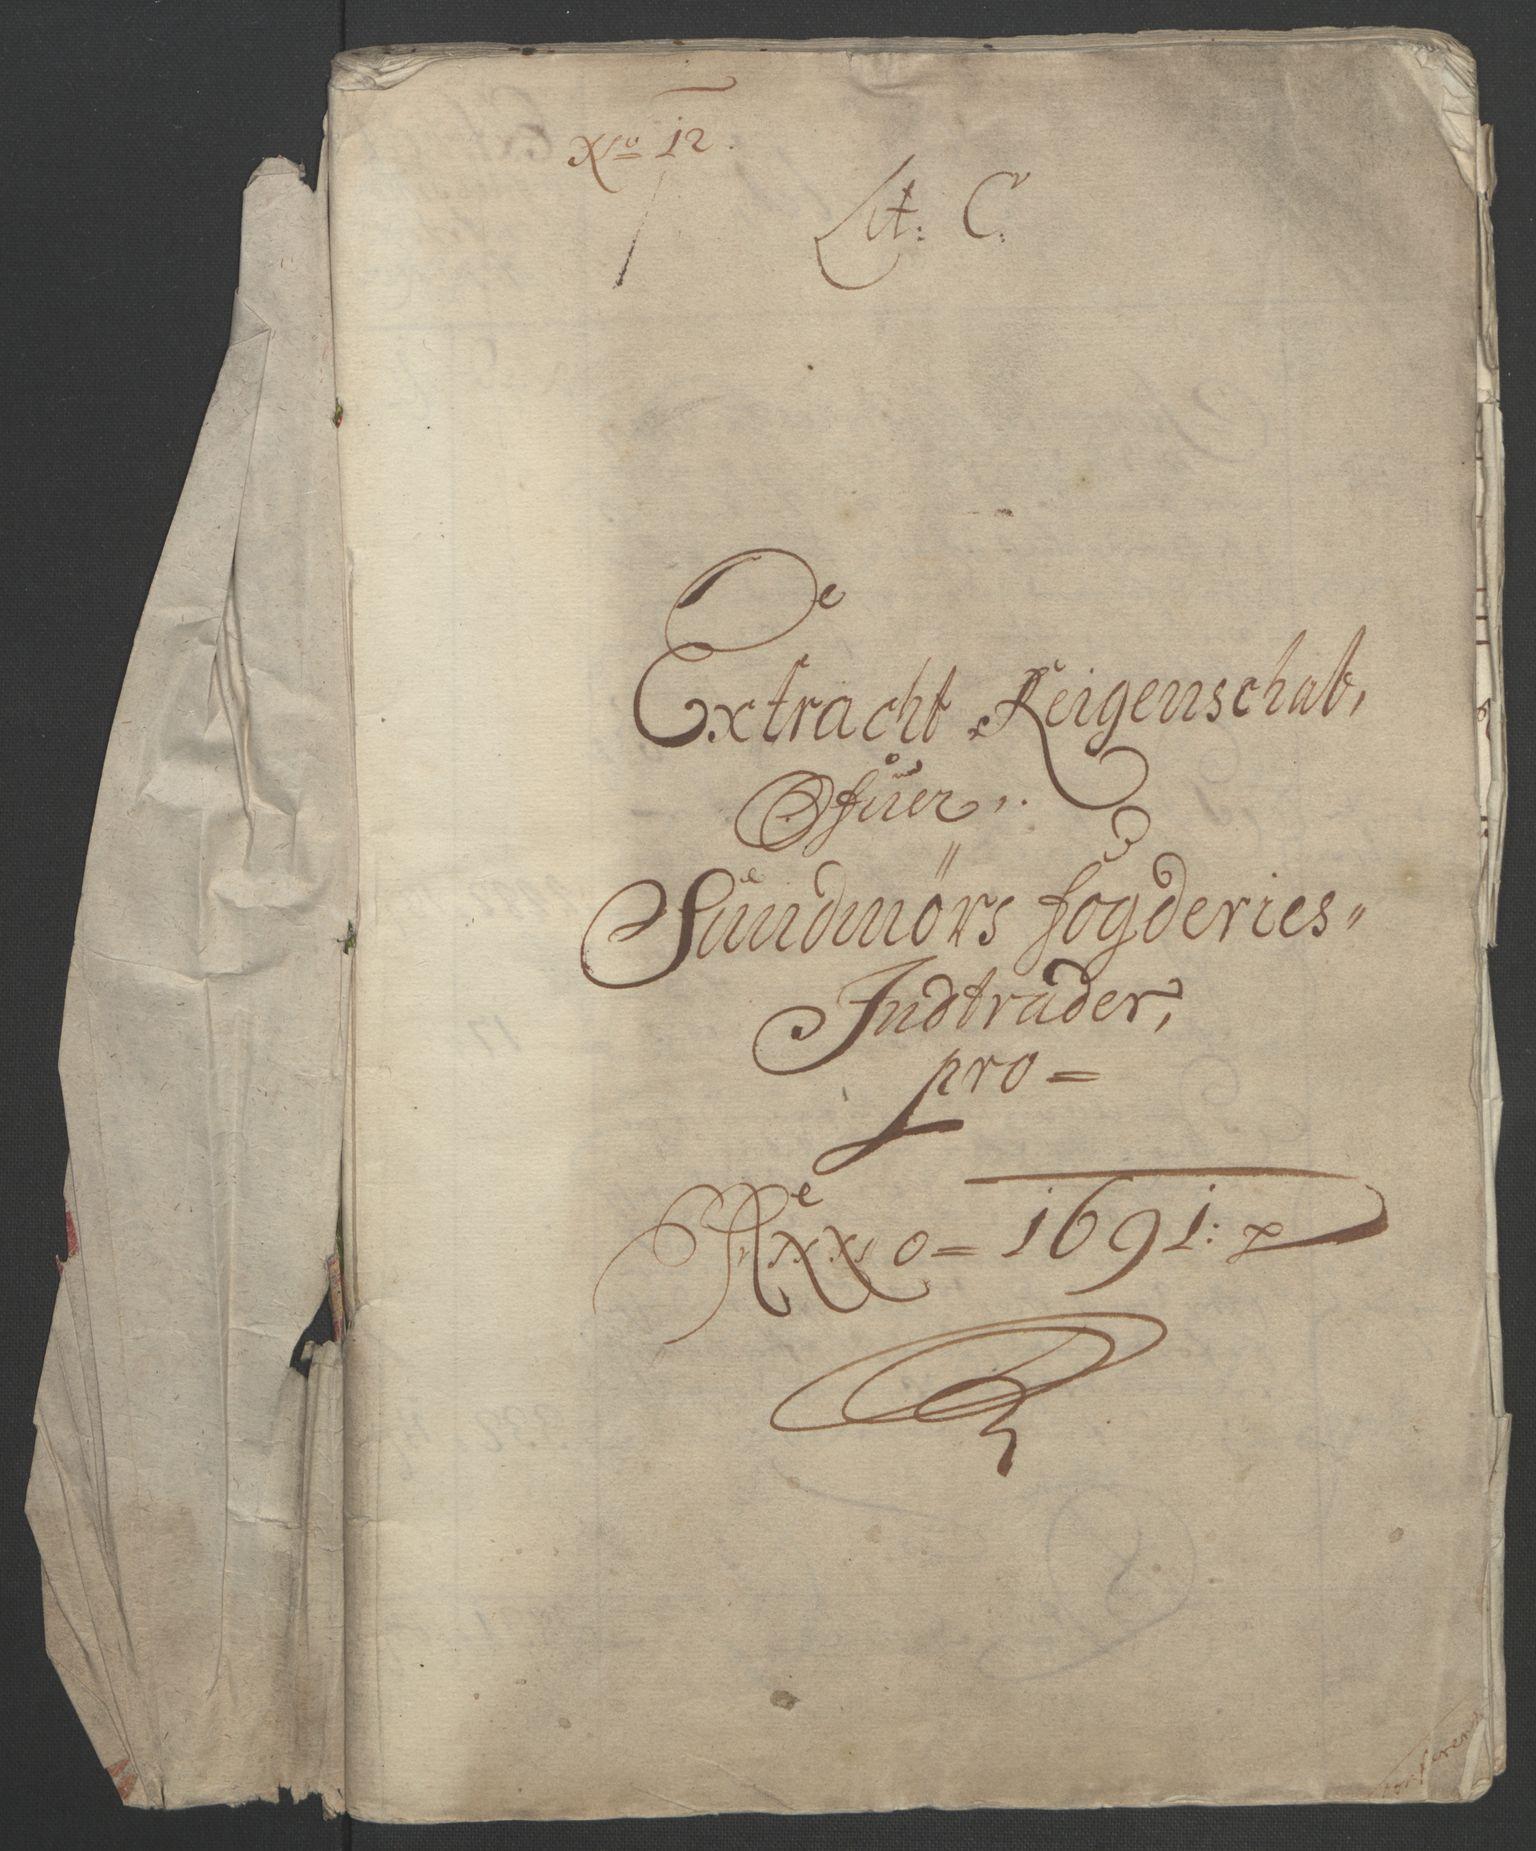 RA, Rentekammeret inntil 1814, Reviderte regnskaper, Fogderegnskap, R54/L3554: Fogderegnskap Sunnmøre, 1691-1693, s. 5